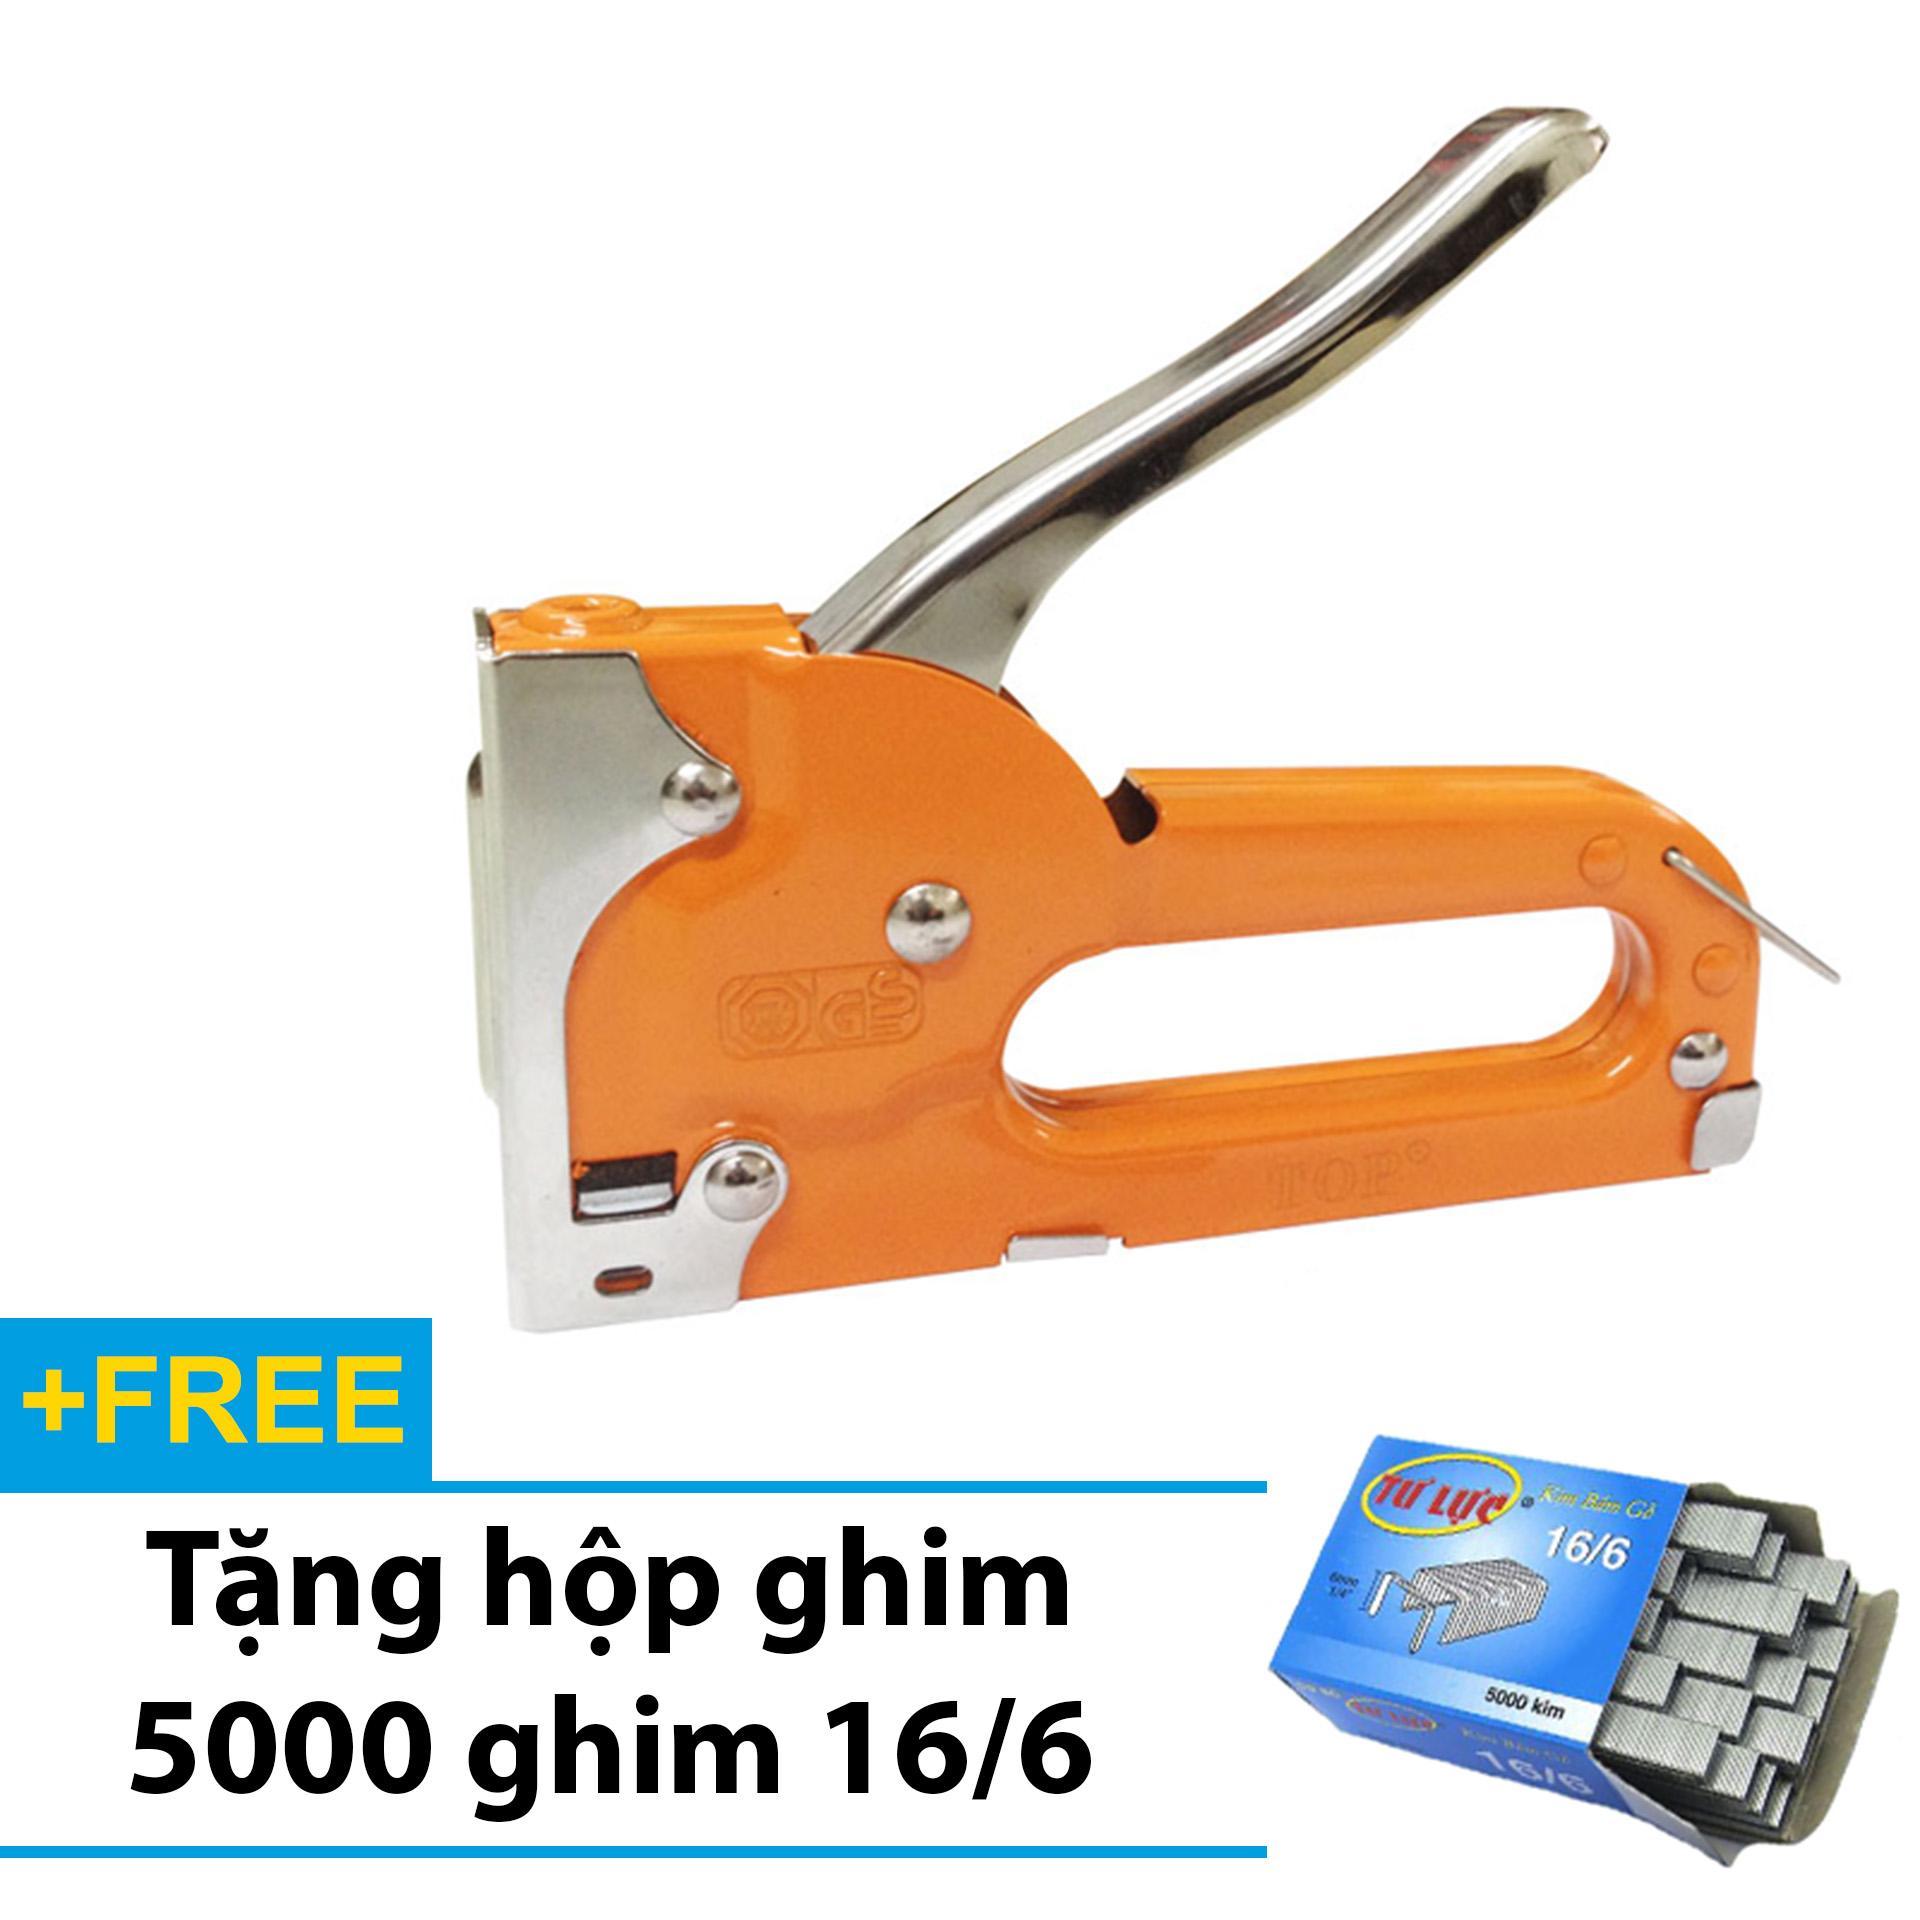 S.úng bắn ghim - Kìm bấm ghim TOP cầm tay đa năng, tiện dụng - Tặng 5000 ghim 16/6 - Kềm bắn ghim gỗ chuyên dụng (Cam)